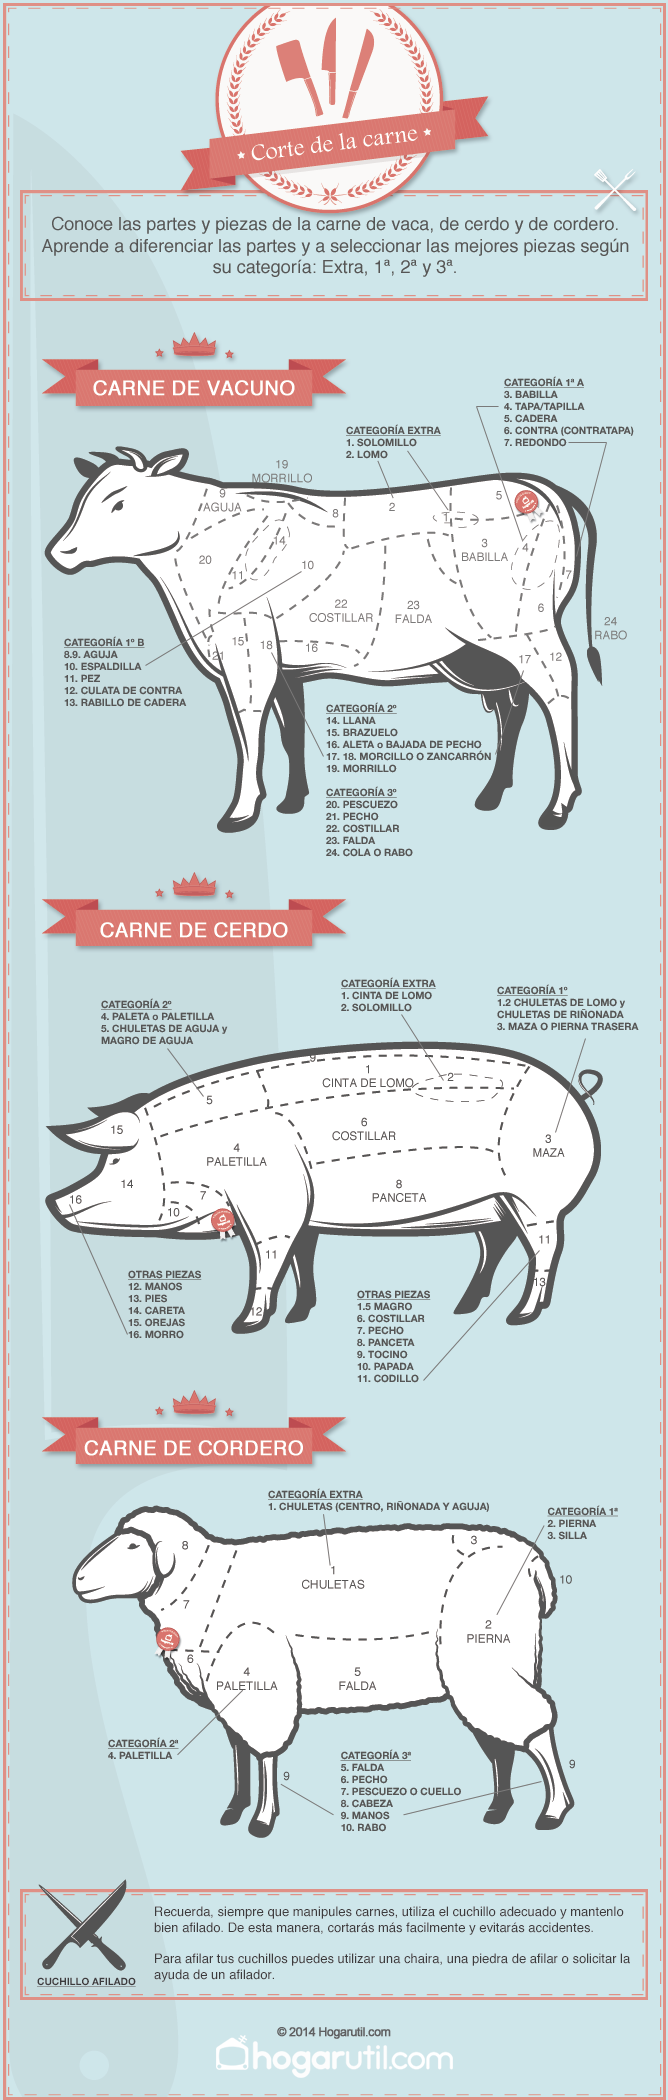 Infografía sobre el corte de la carne de vaca, cerdo y cordero